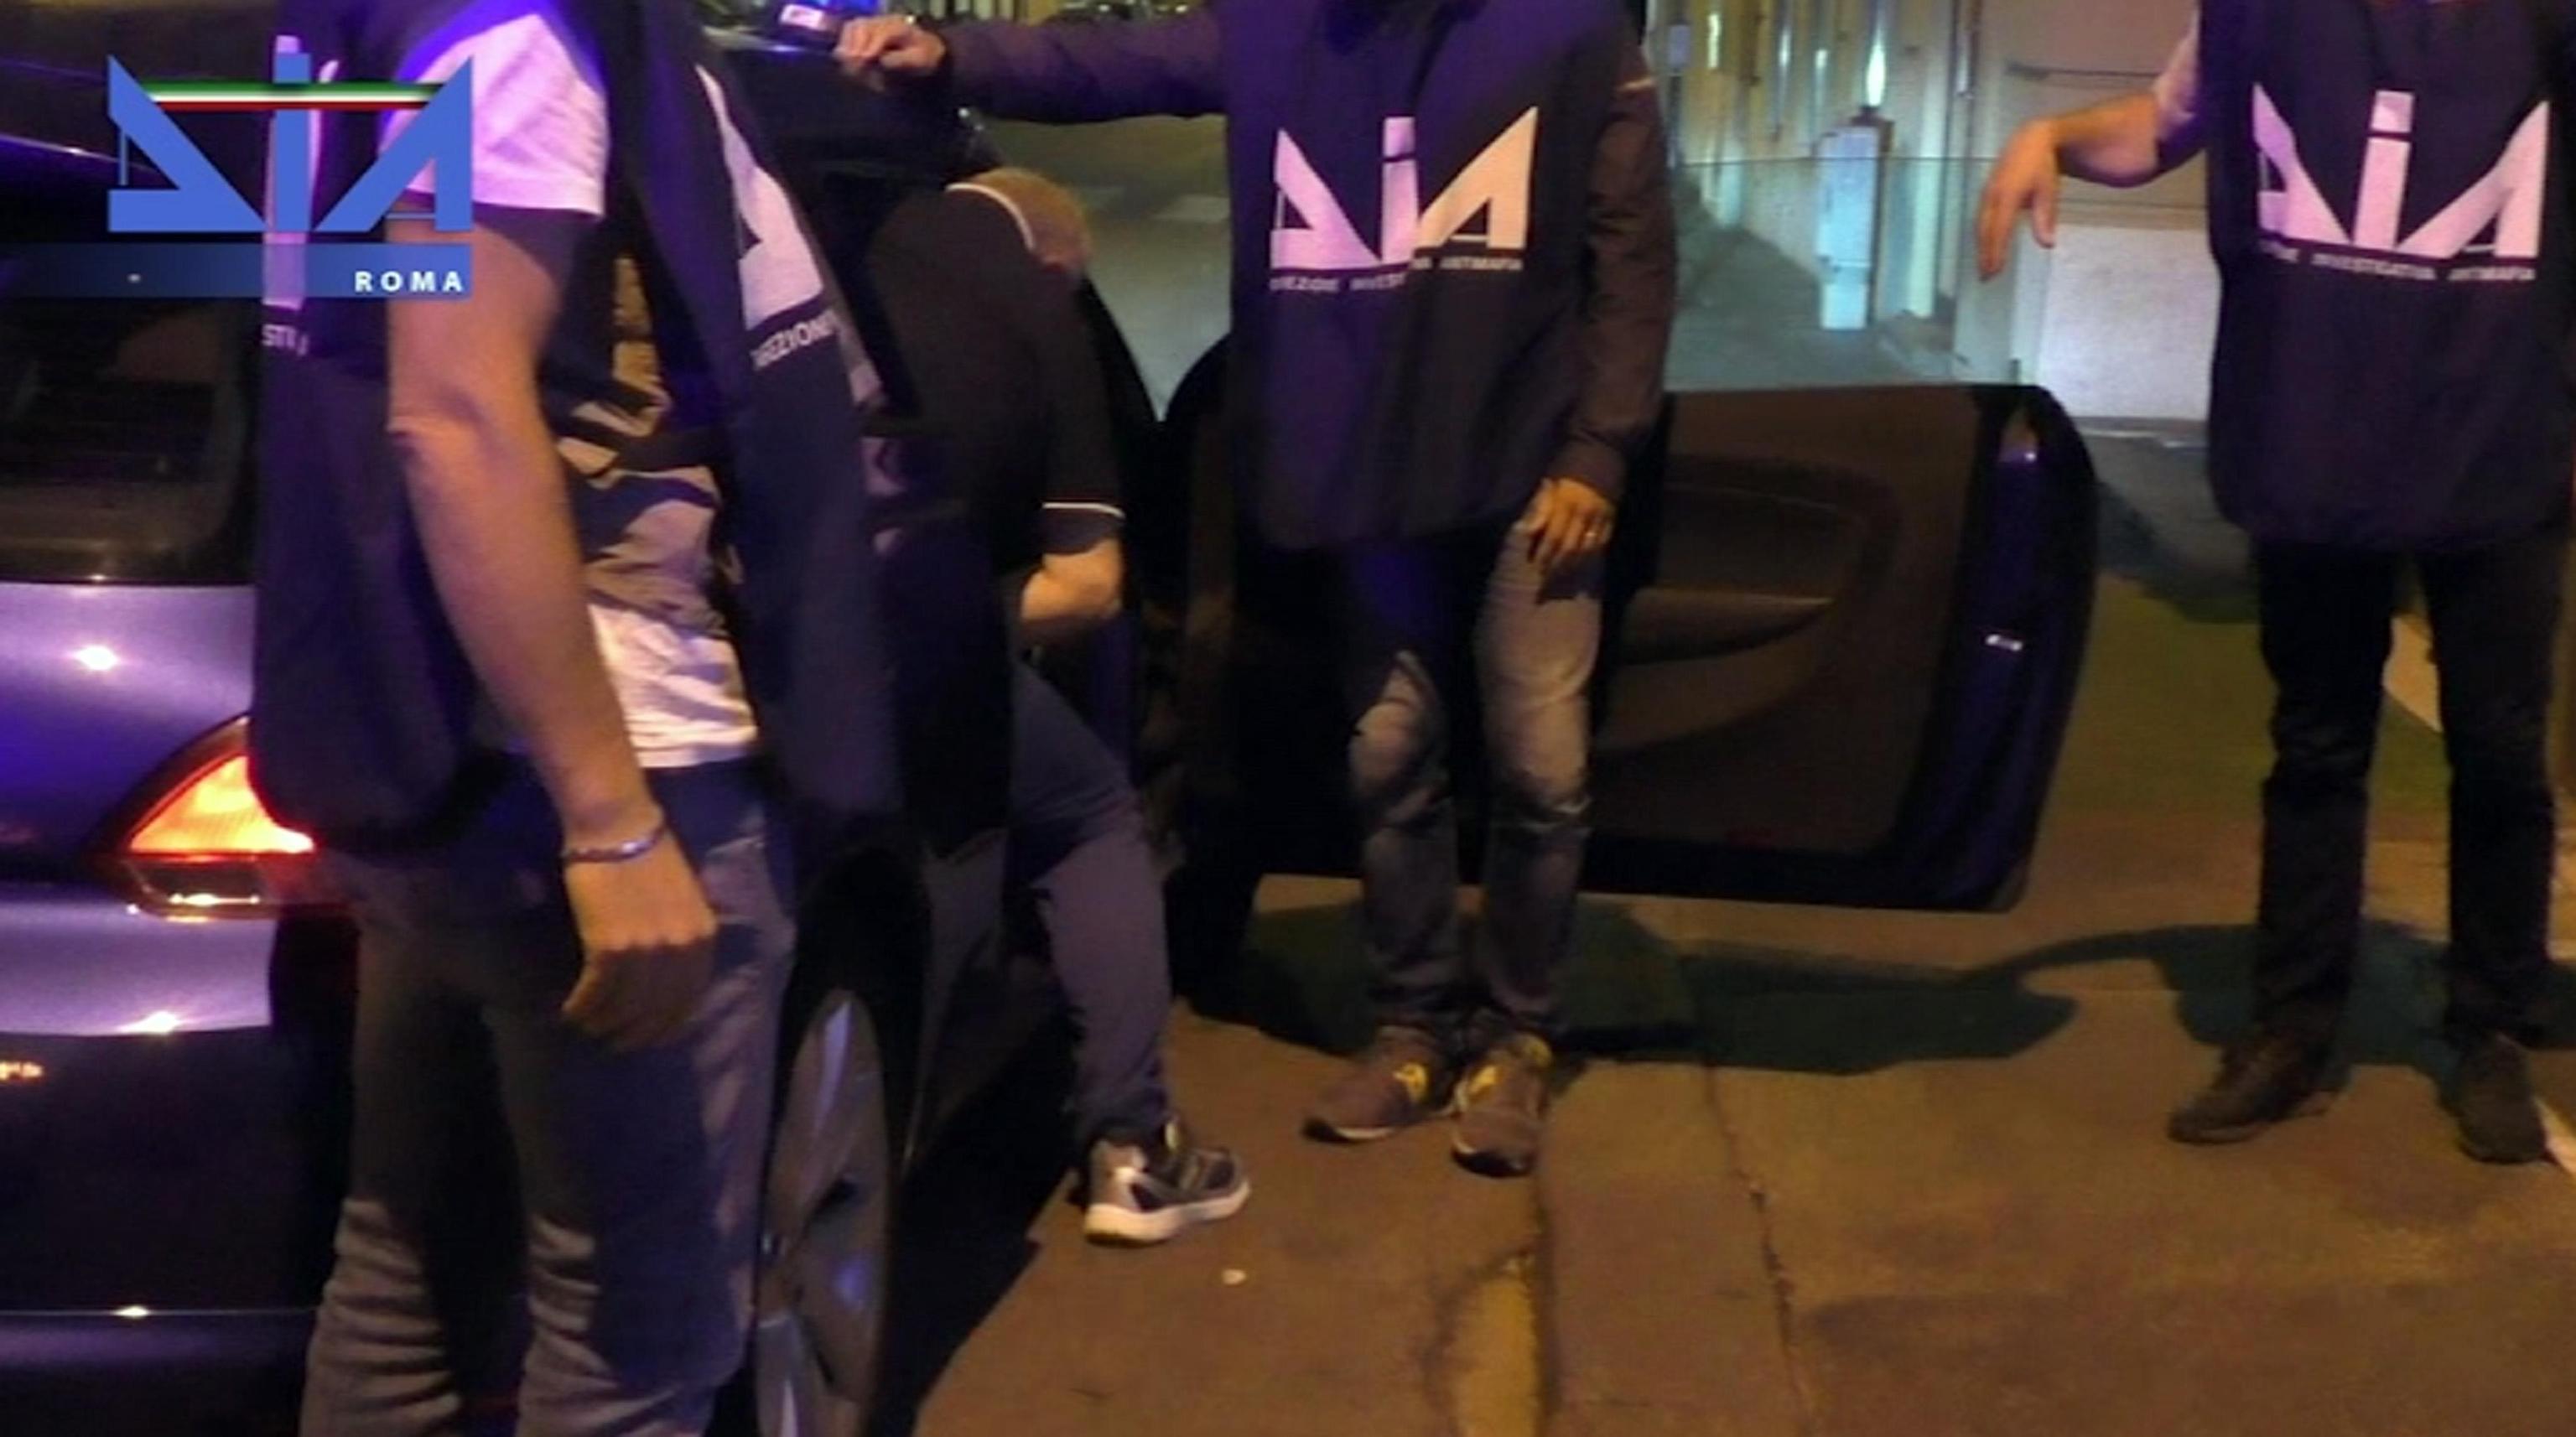 'Ndrangheta, confiscati 800mila euro all'imprenditorelegato alla cosca Condello: i beni sparsi nel Reggino